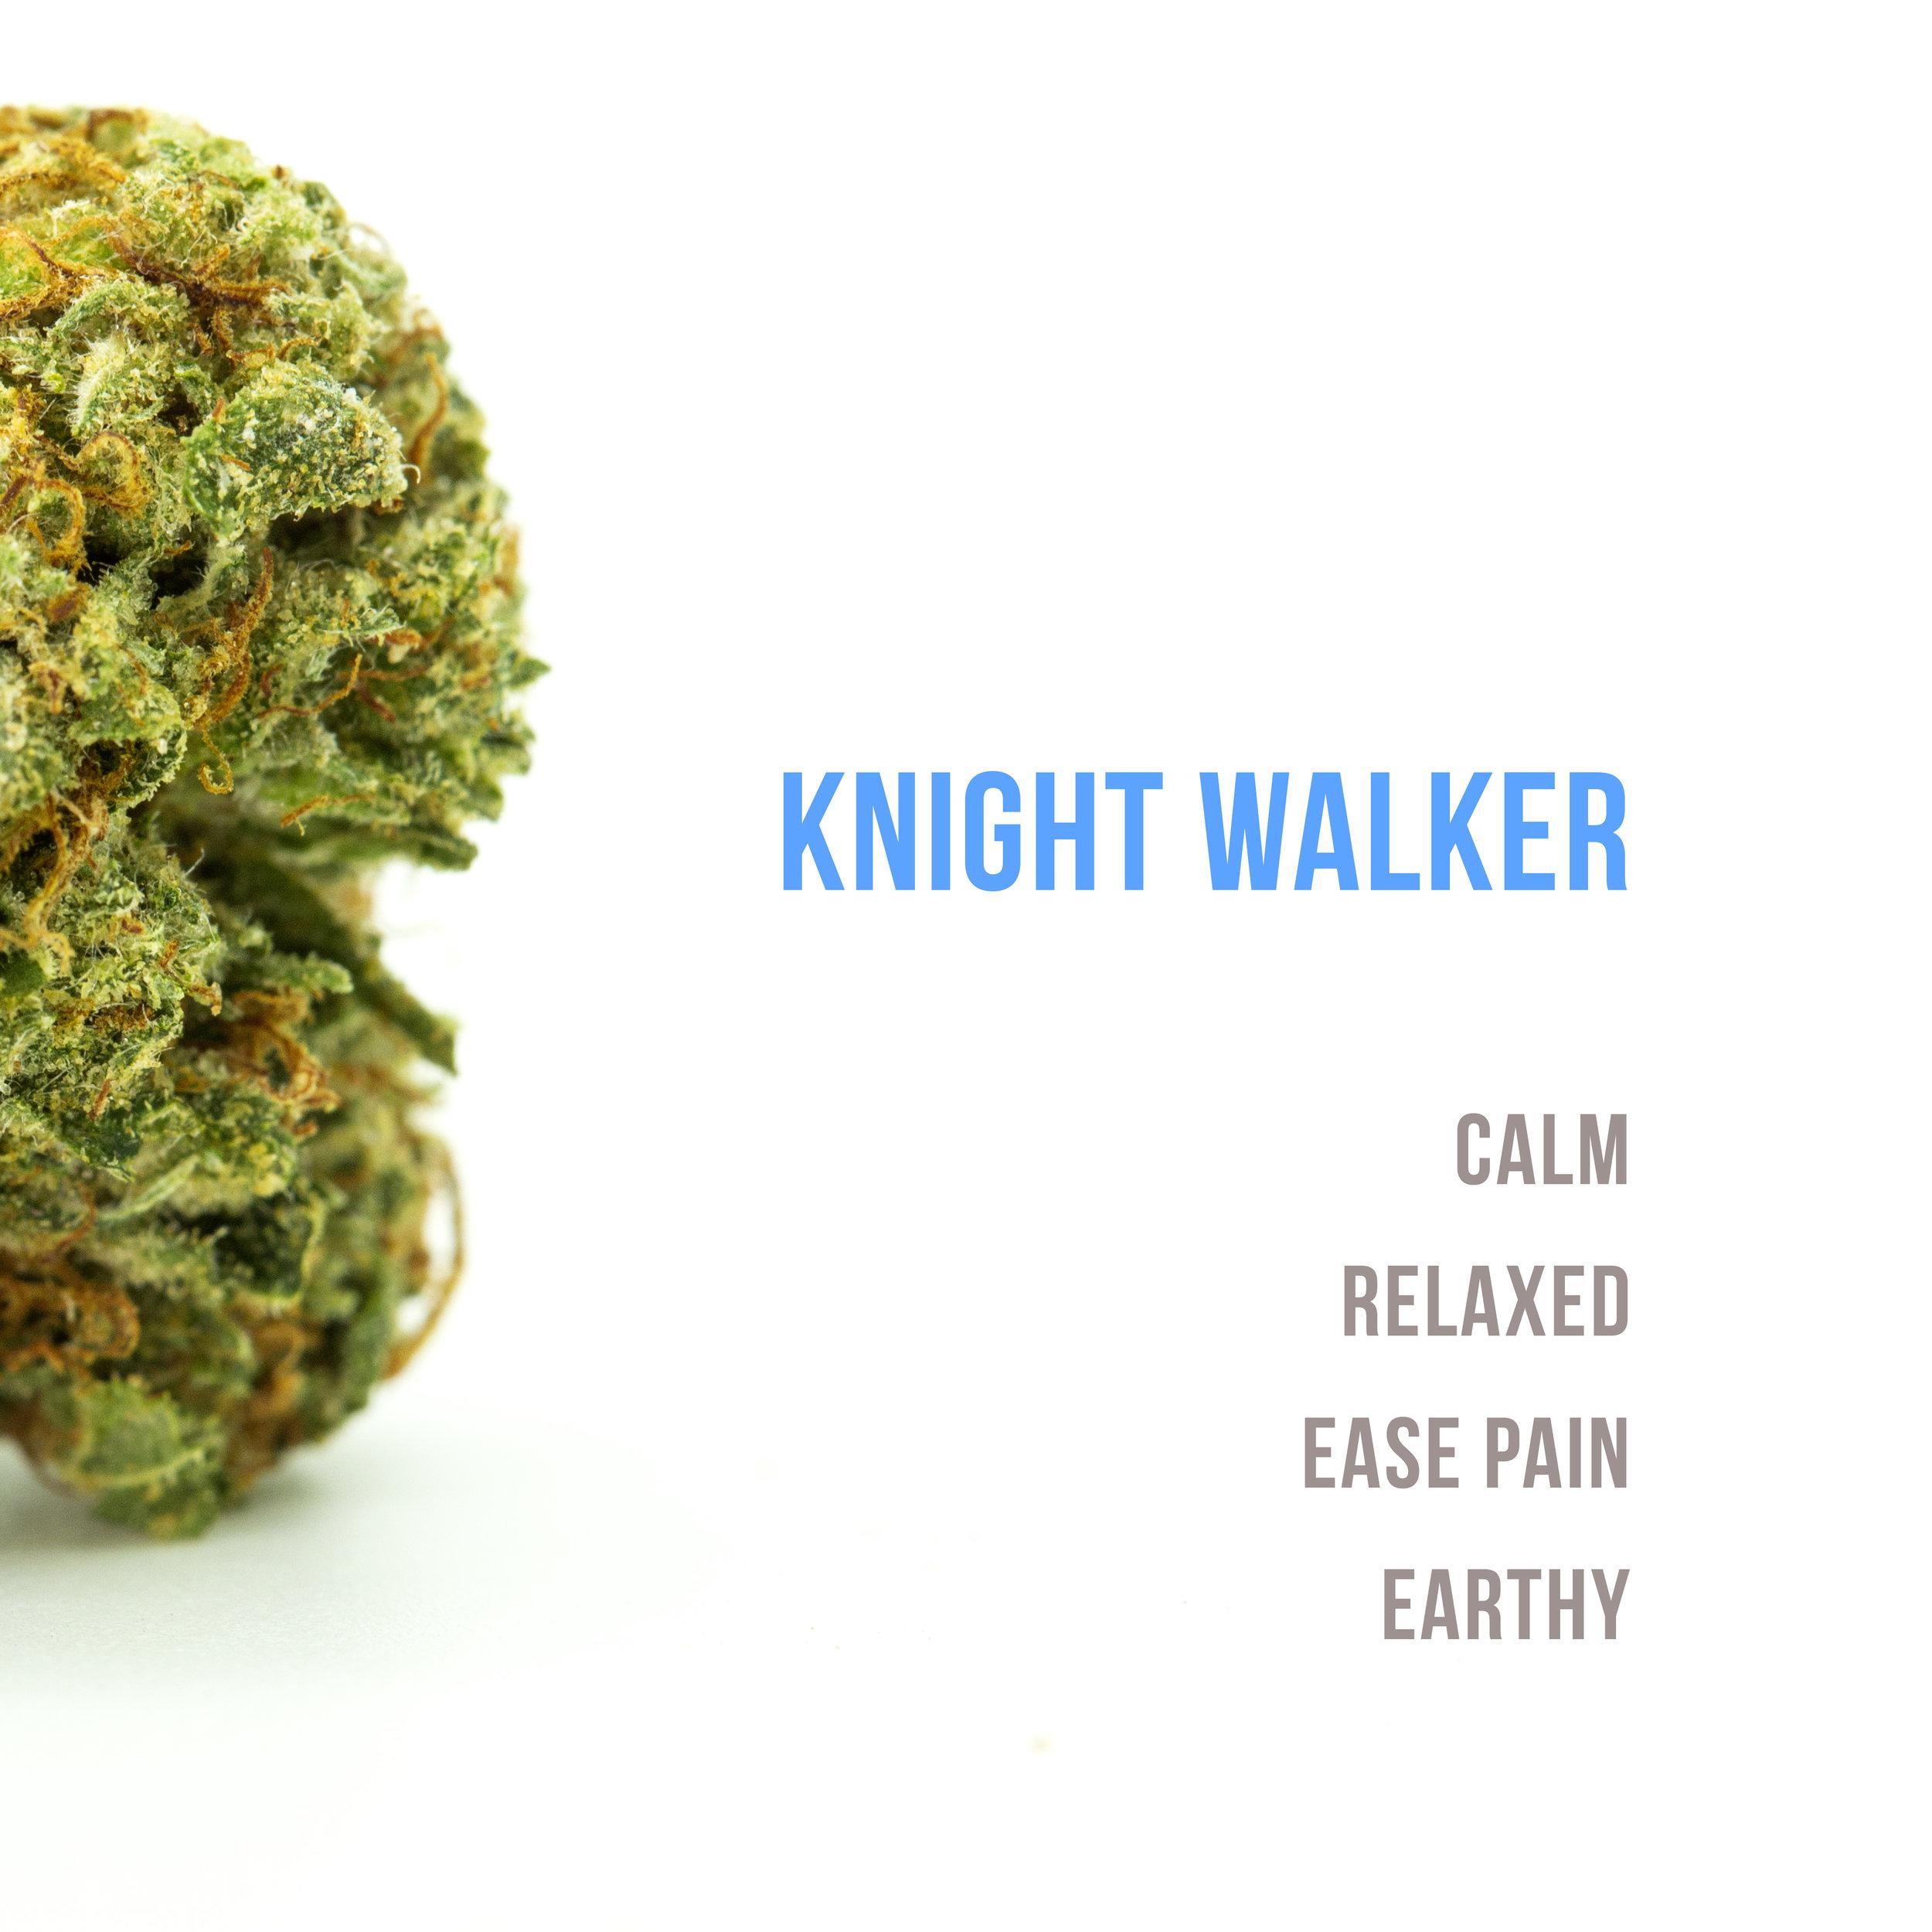 knightwalkertext.jpg